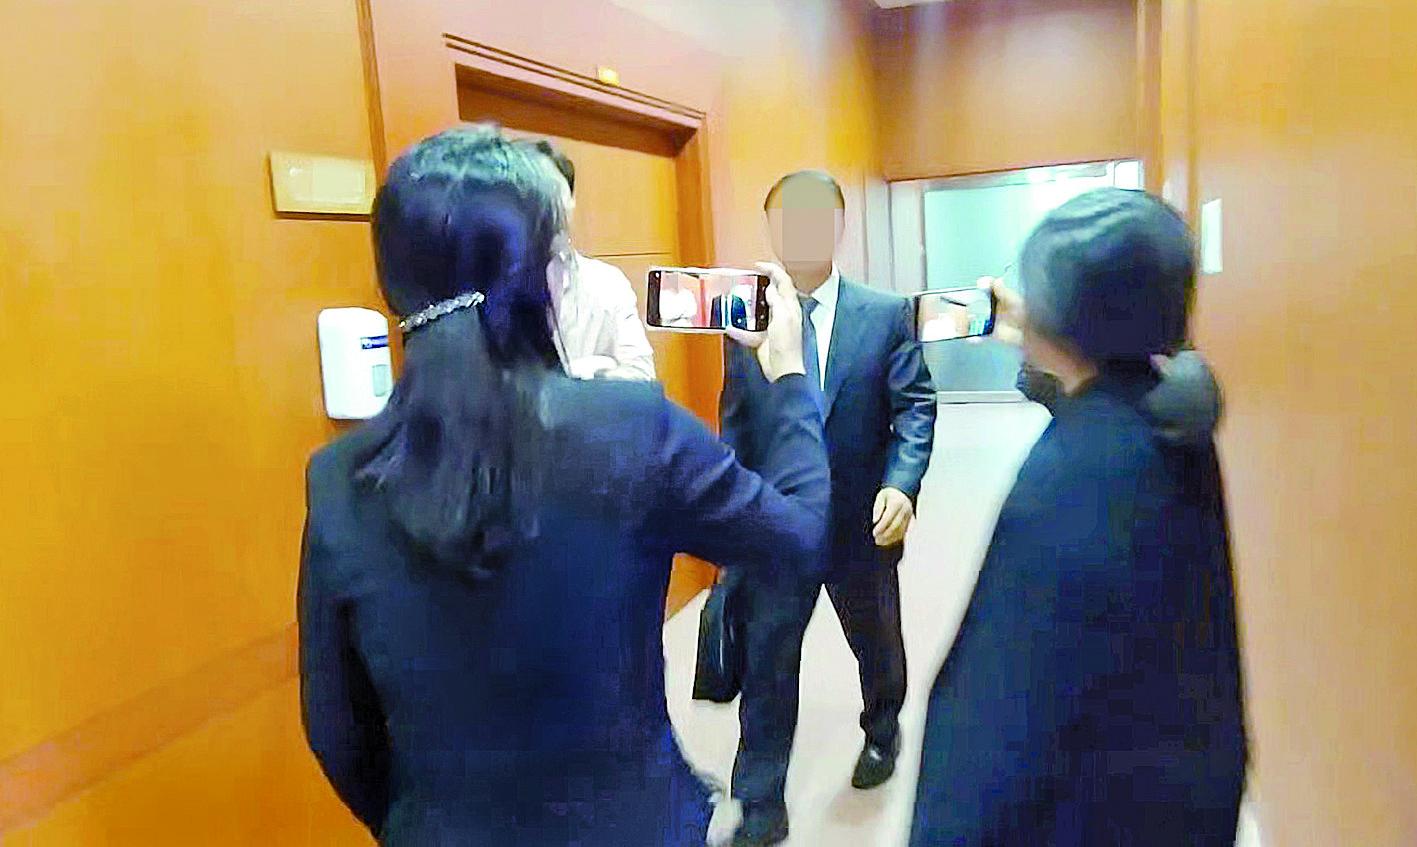 3급 비밀에 해당하는 한미정상 간 통화내용을 자유한국당 강효상 의원에게 유출한 의혹을 받는 주미 한국대사관 참사관 K씨. [사진 연합뉴스 TV]